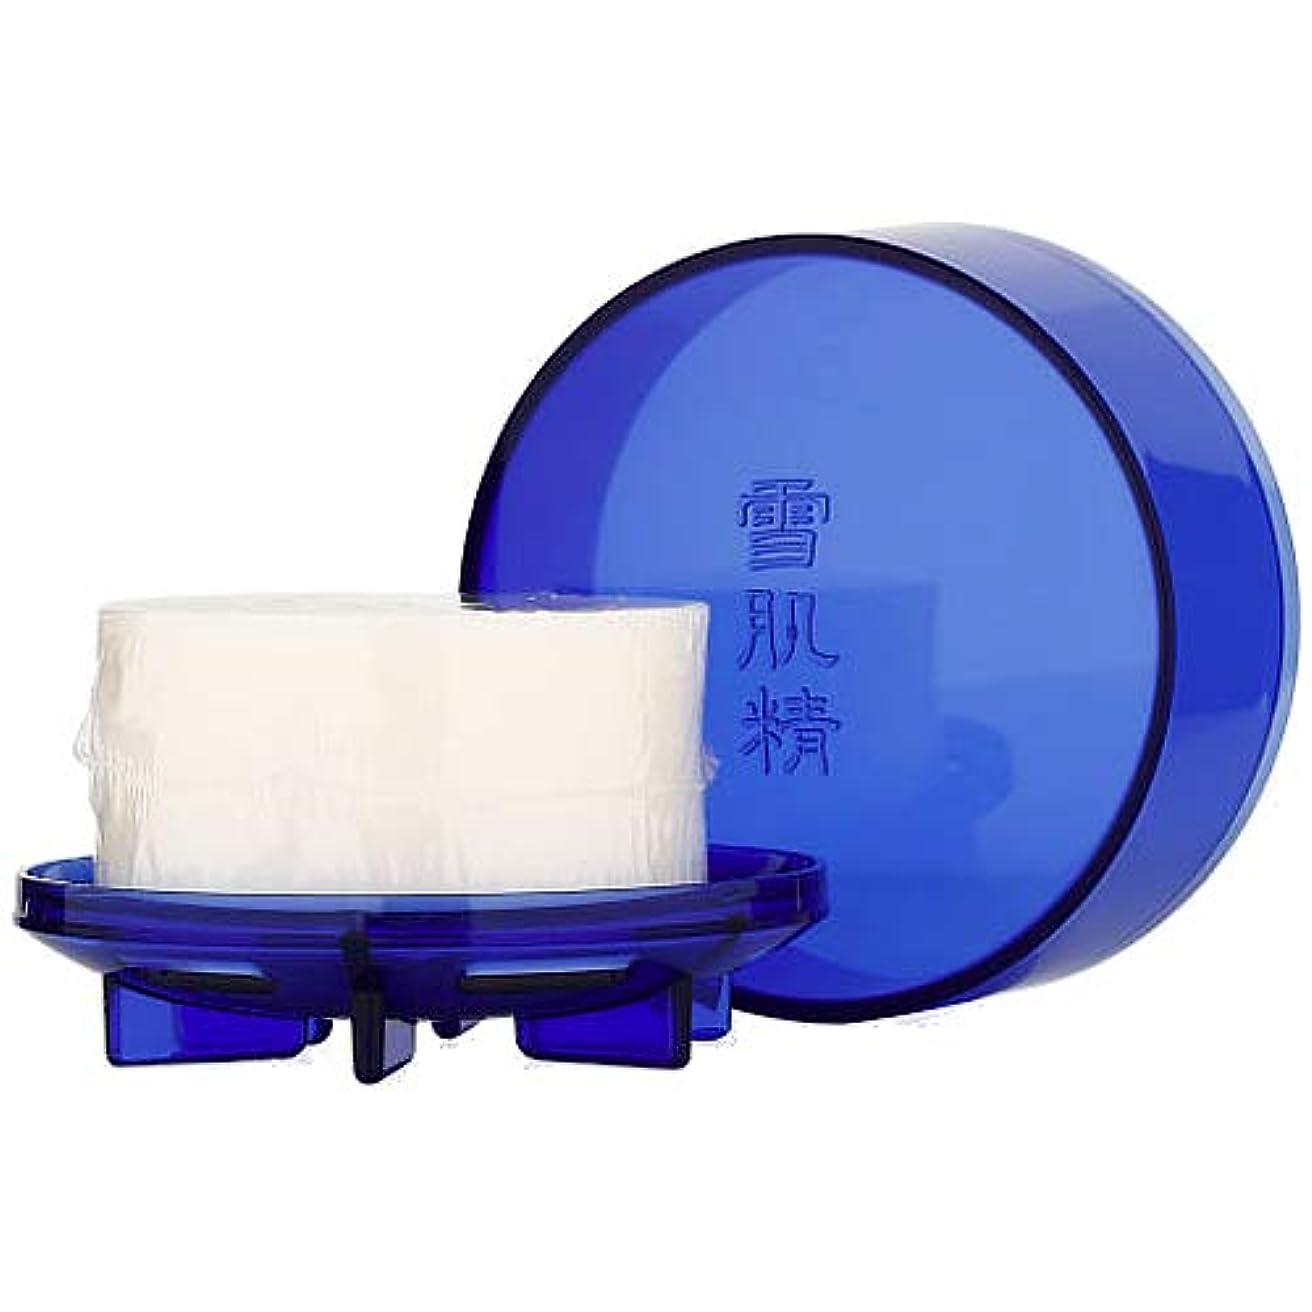 処理する途方もない強盗コーセー KOSE 雪肌精 化粧水仕立て (ケース付) 100g [並行輸入品]